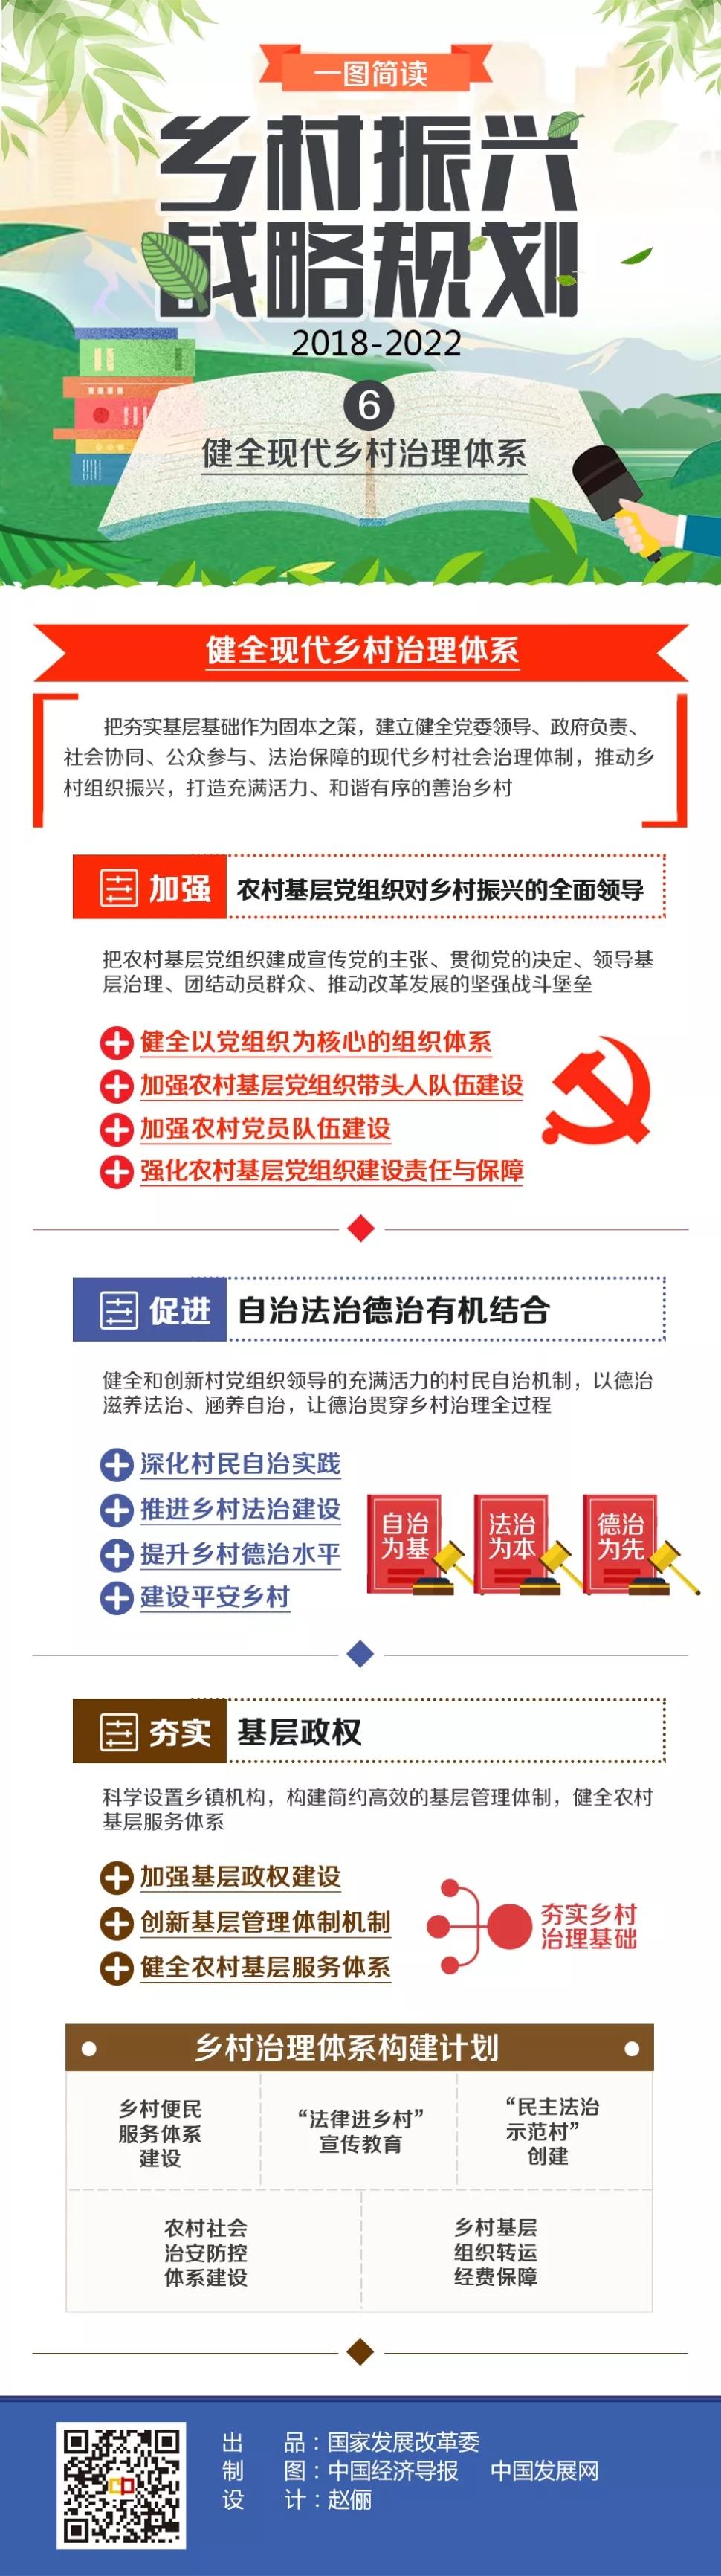 乡村振兴战略规划(2018—2022年)系列图解之六